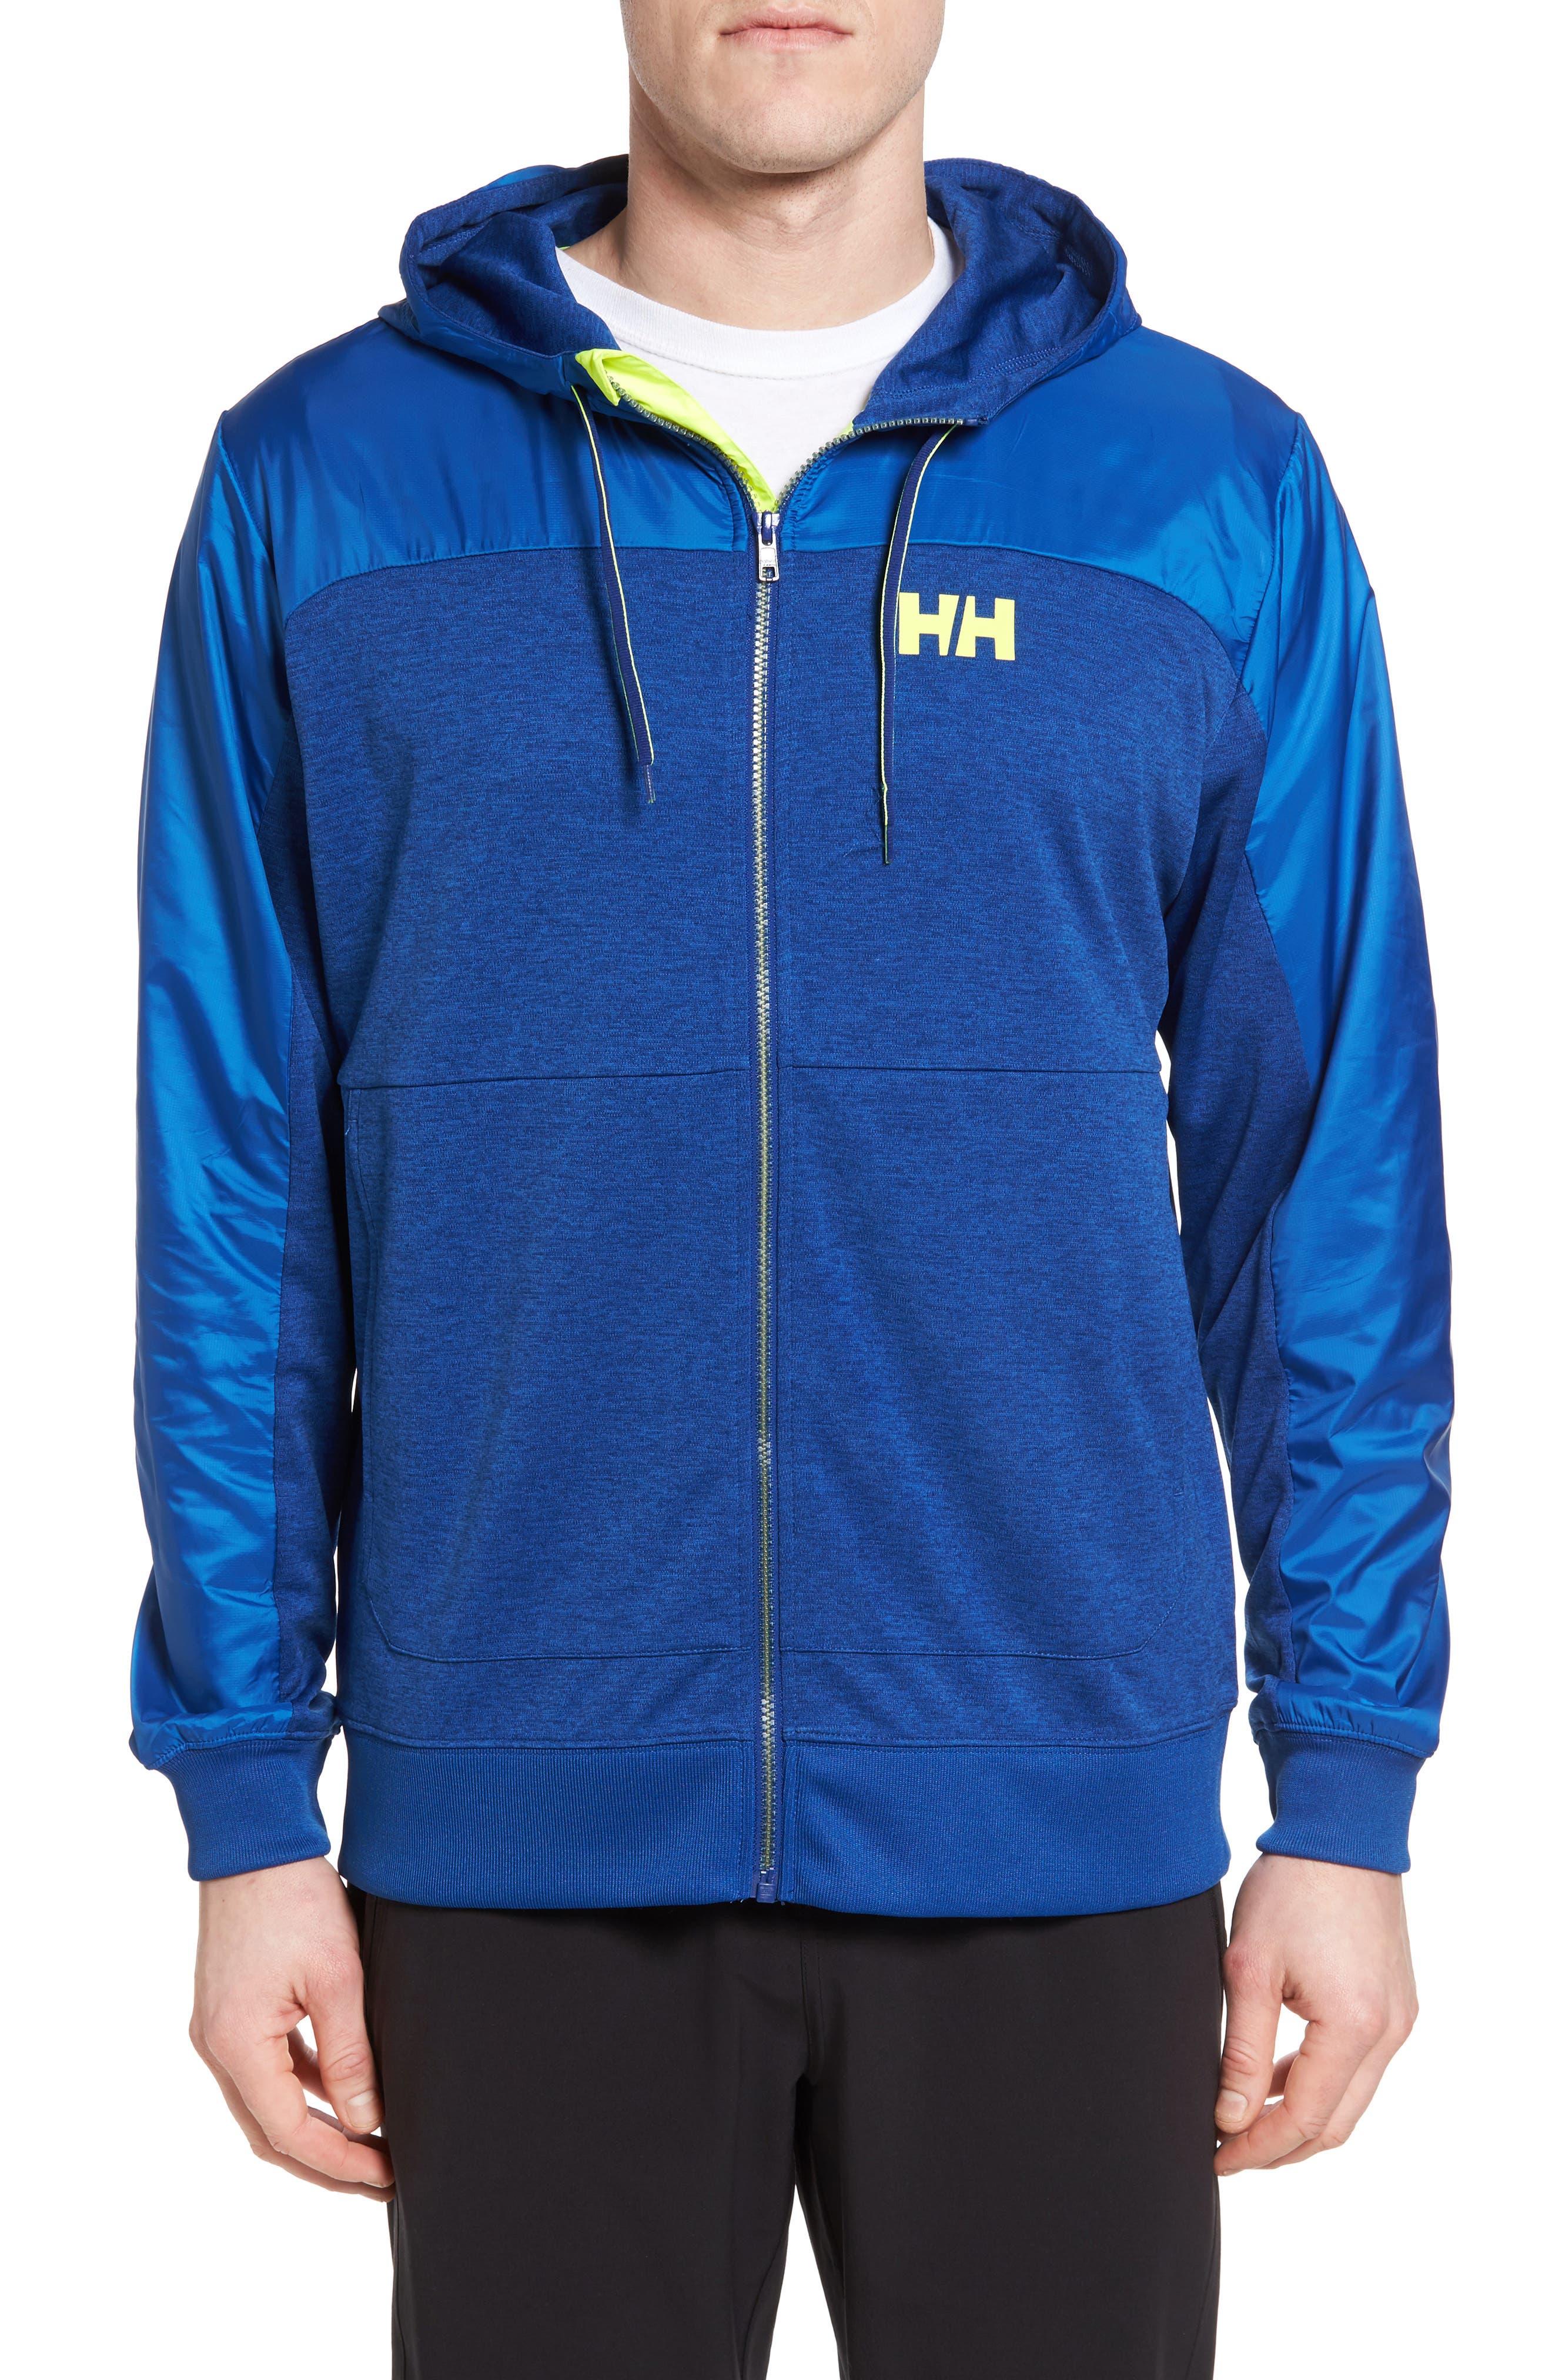 Raido Hooded Jacket,                         Main,                         color, Sodalite Blue